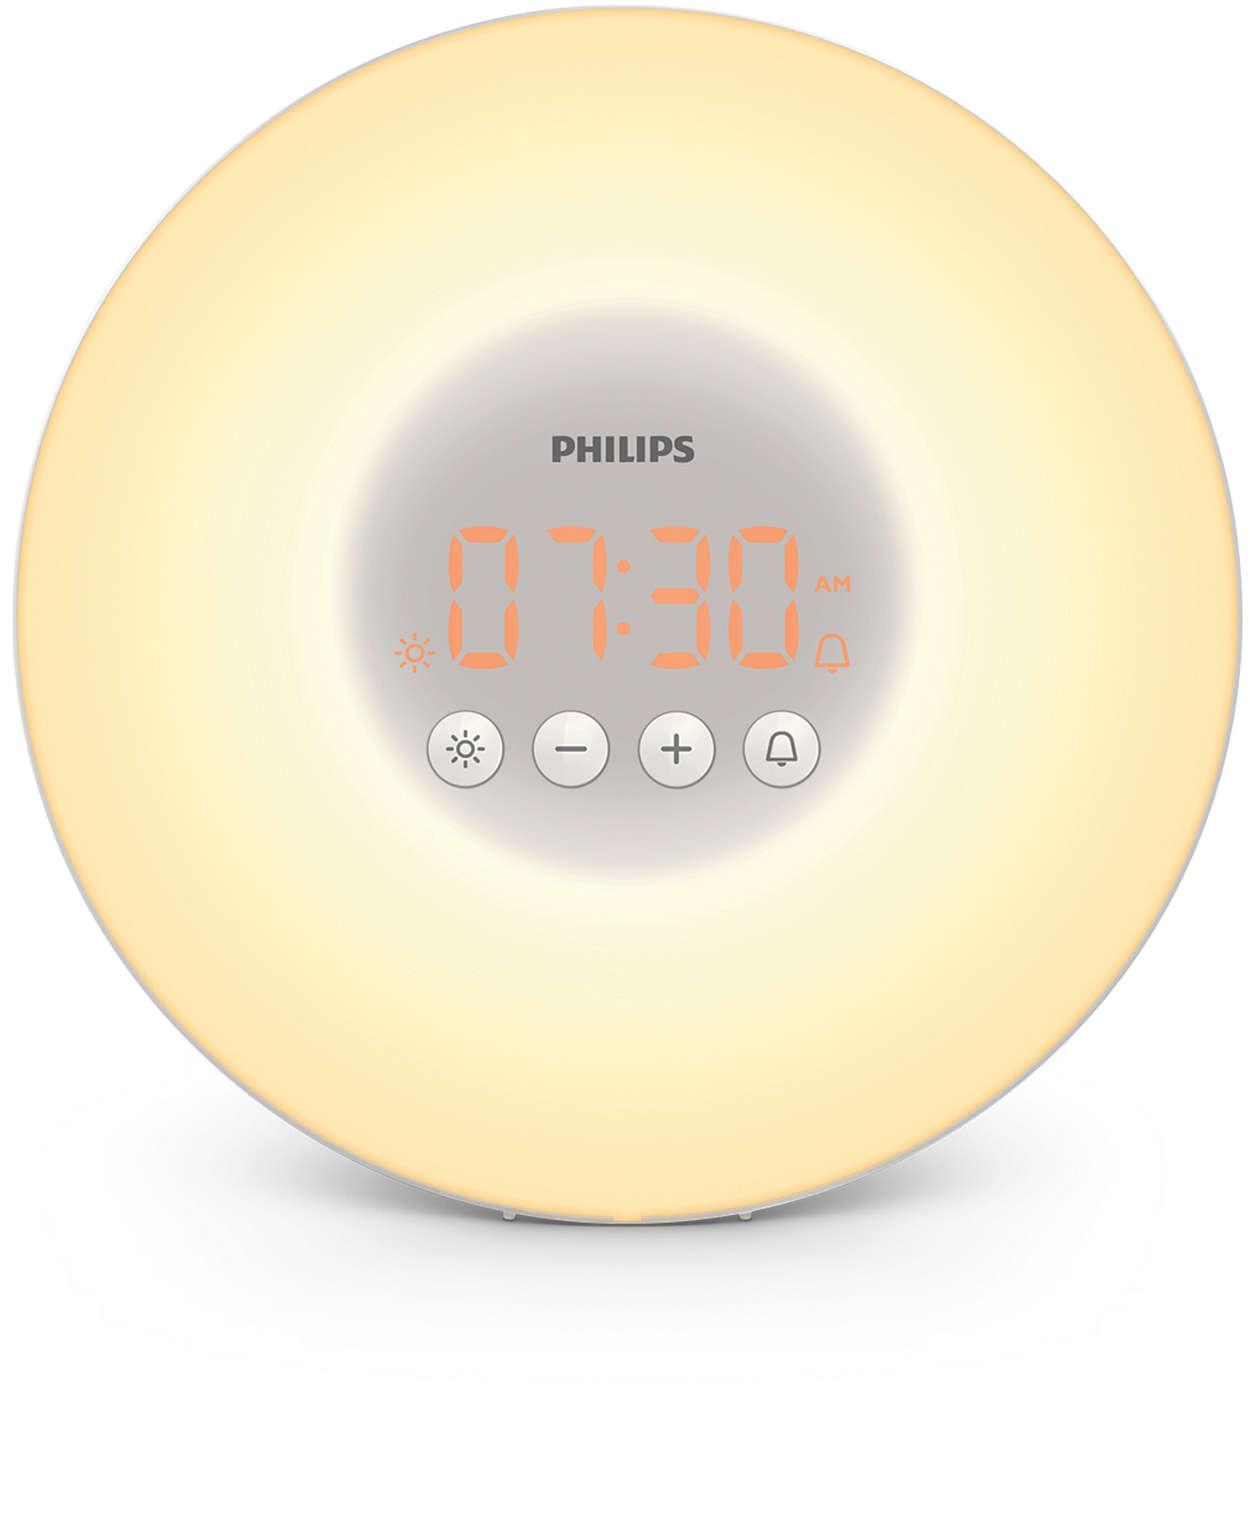 Svegliati con la luce per sentirti più energico